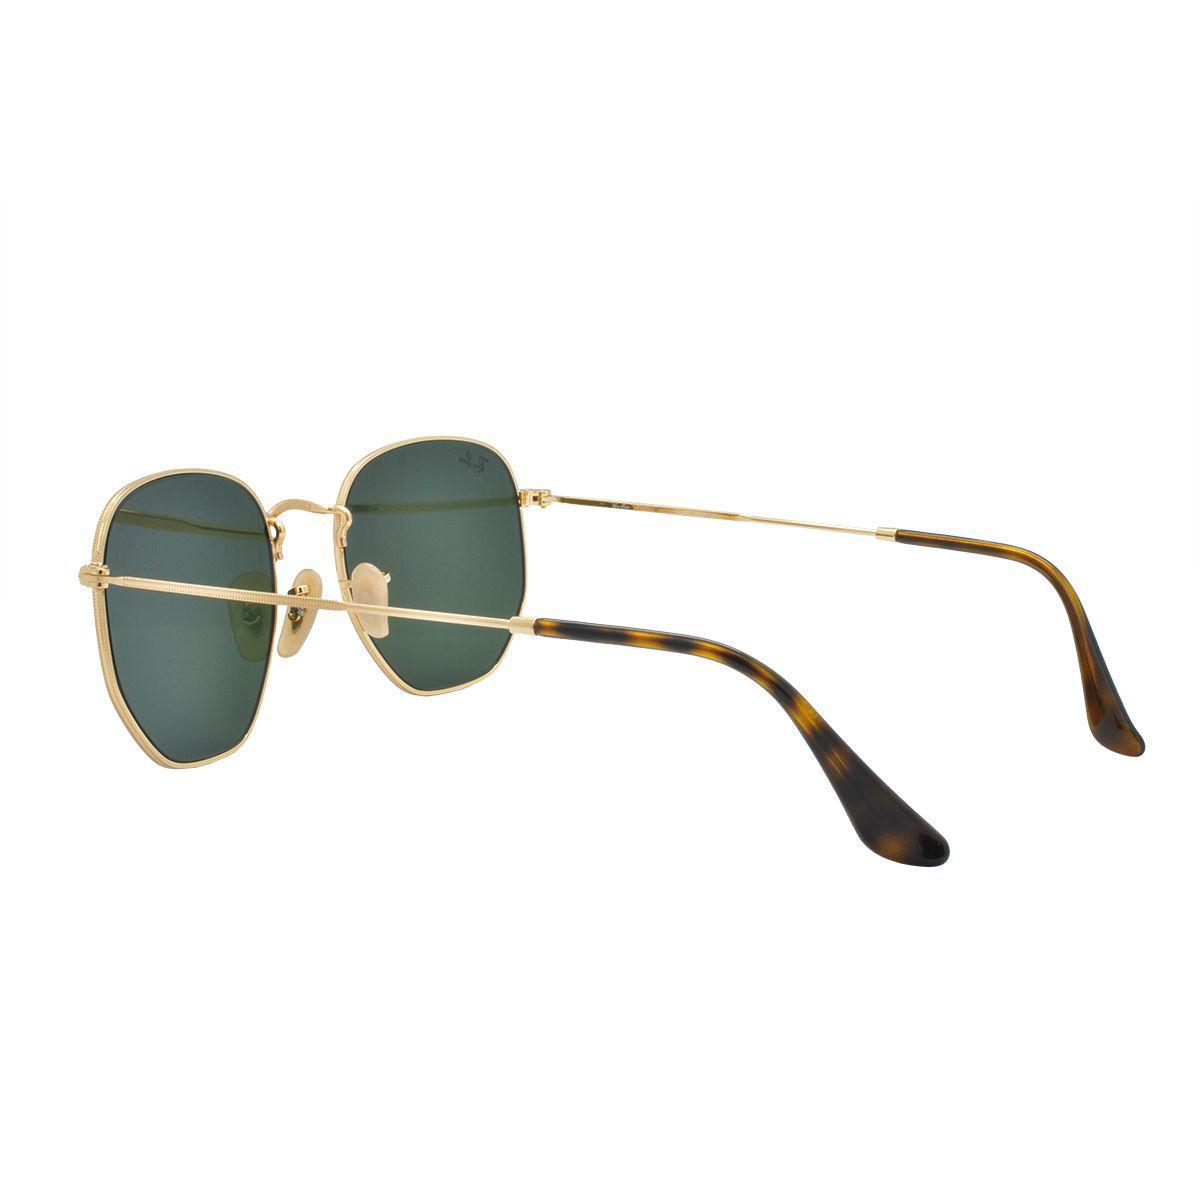 ee9da1ad8619e Óculos de Sol Ray Ban Unissex Hexagonal RB3548N 001 54 - Metal Dourado R   532